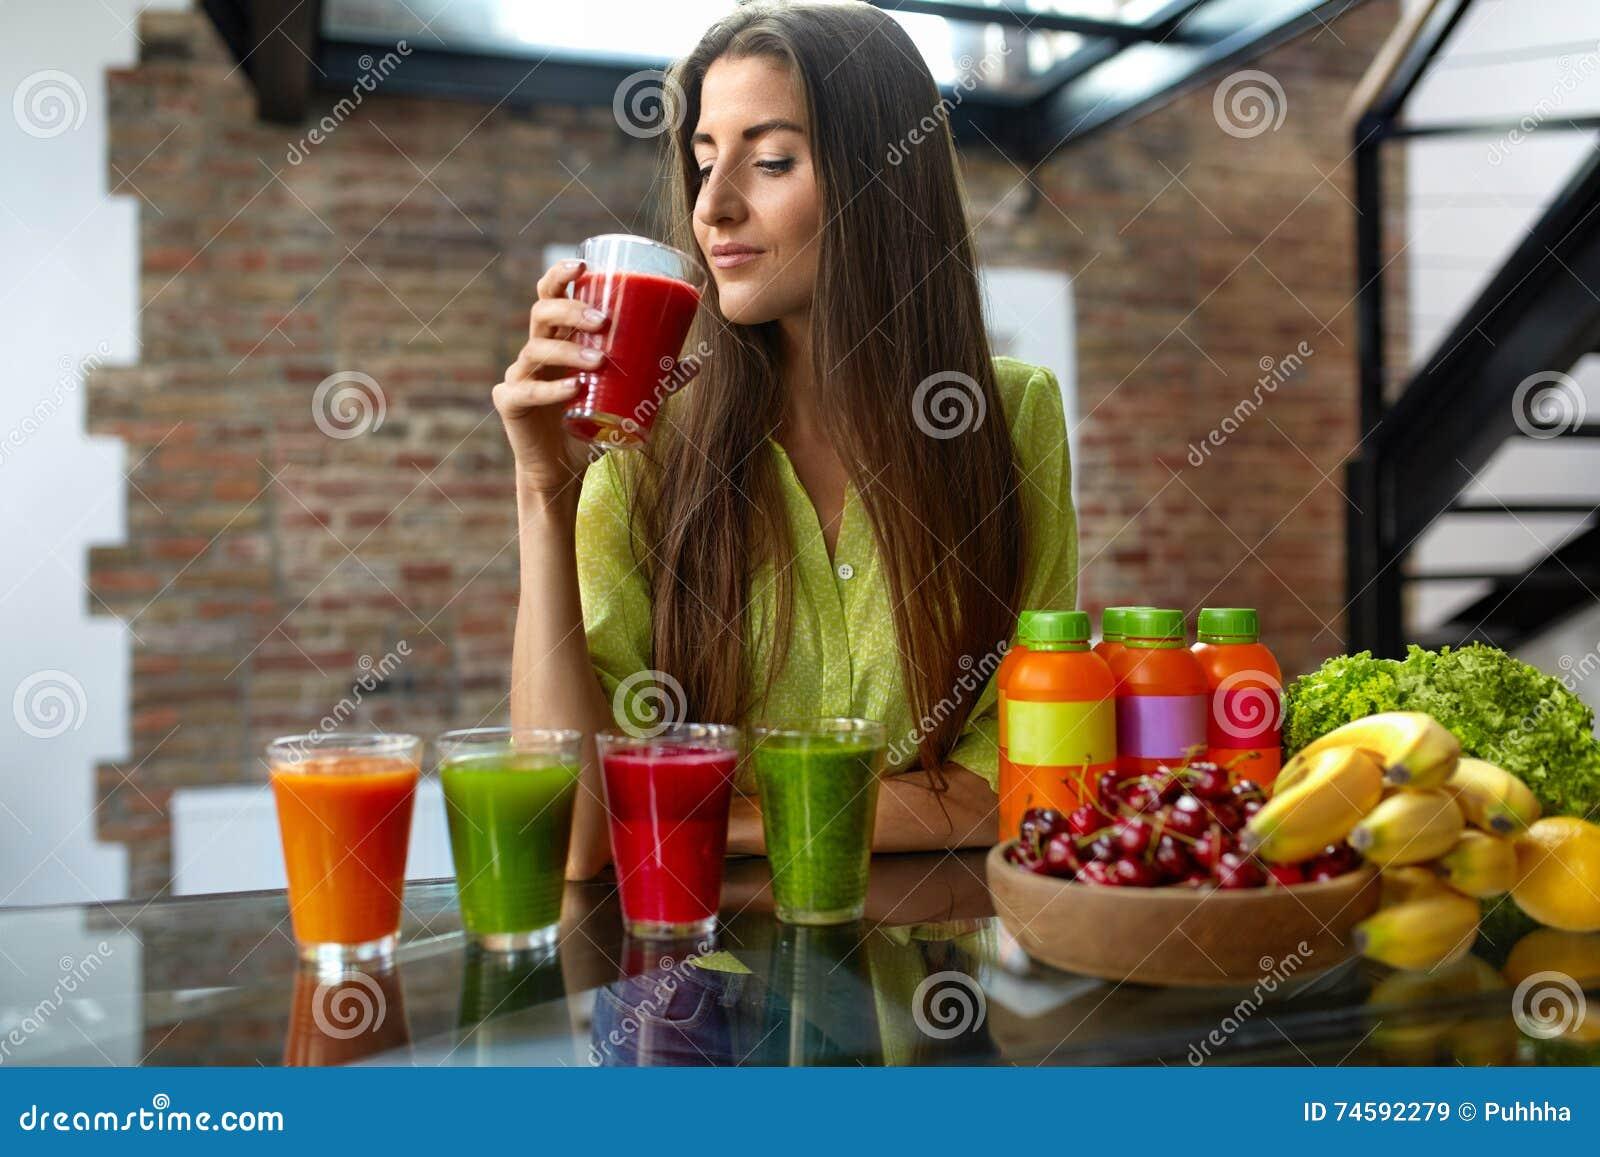 Eignungs-Lebensmittel, Nahrung Frau der gesunden Ernährung trinkender Smoothie